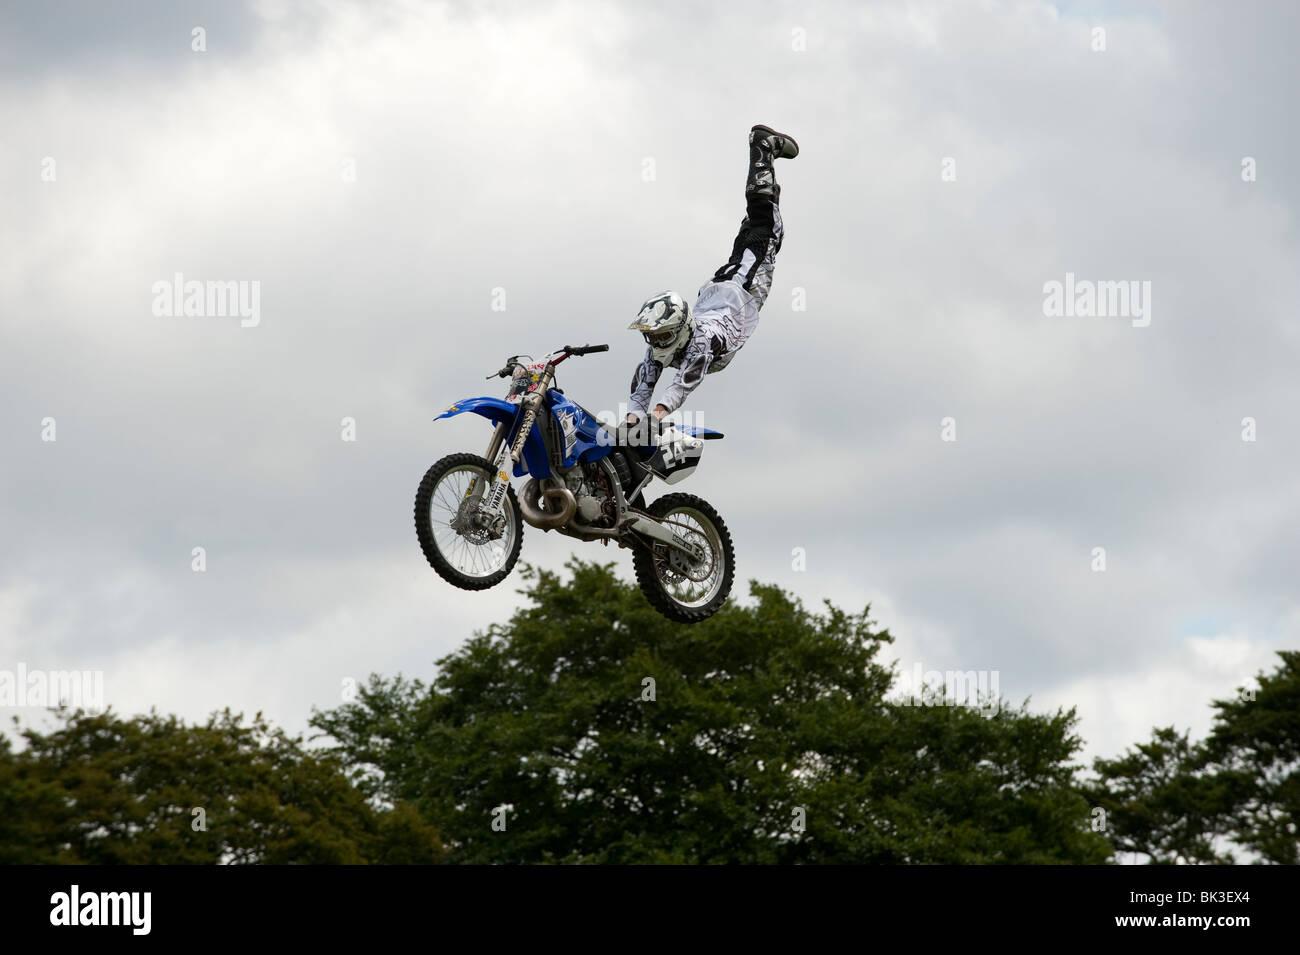 Acrobatic motorbike stunt man in air - Stock Image